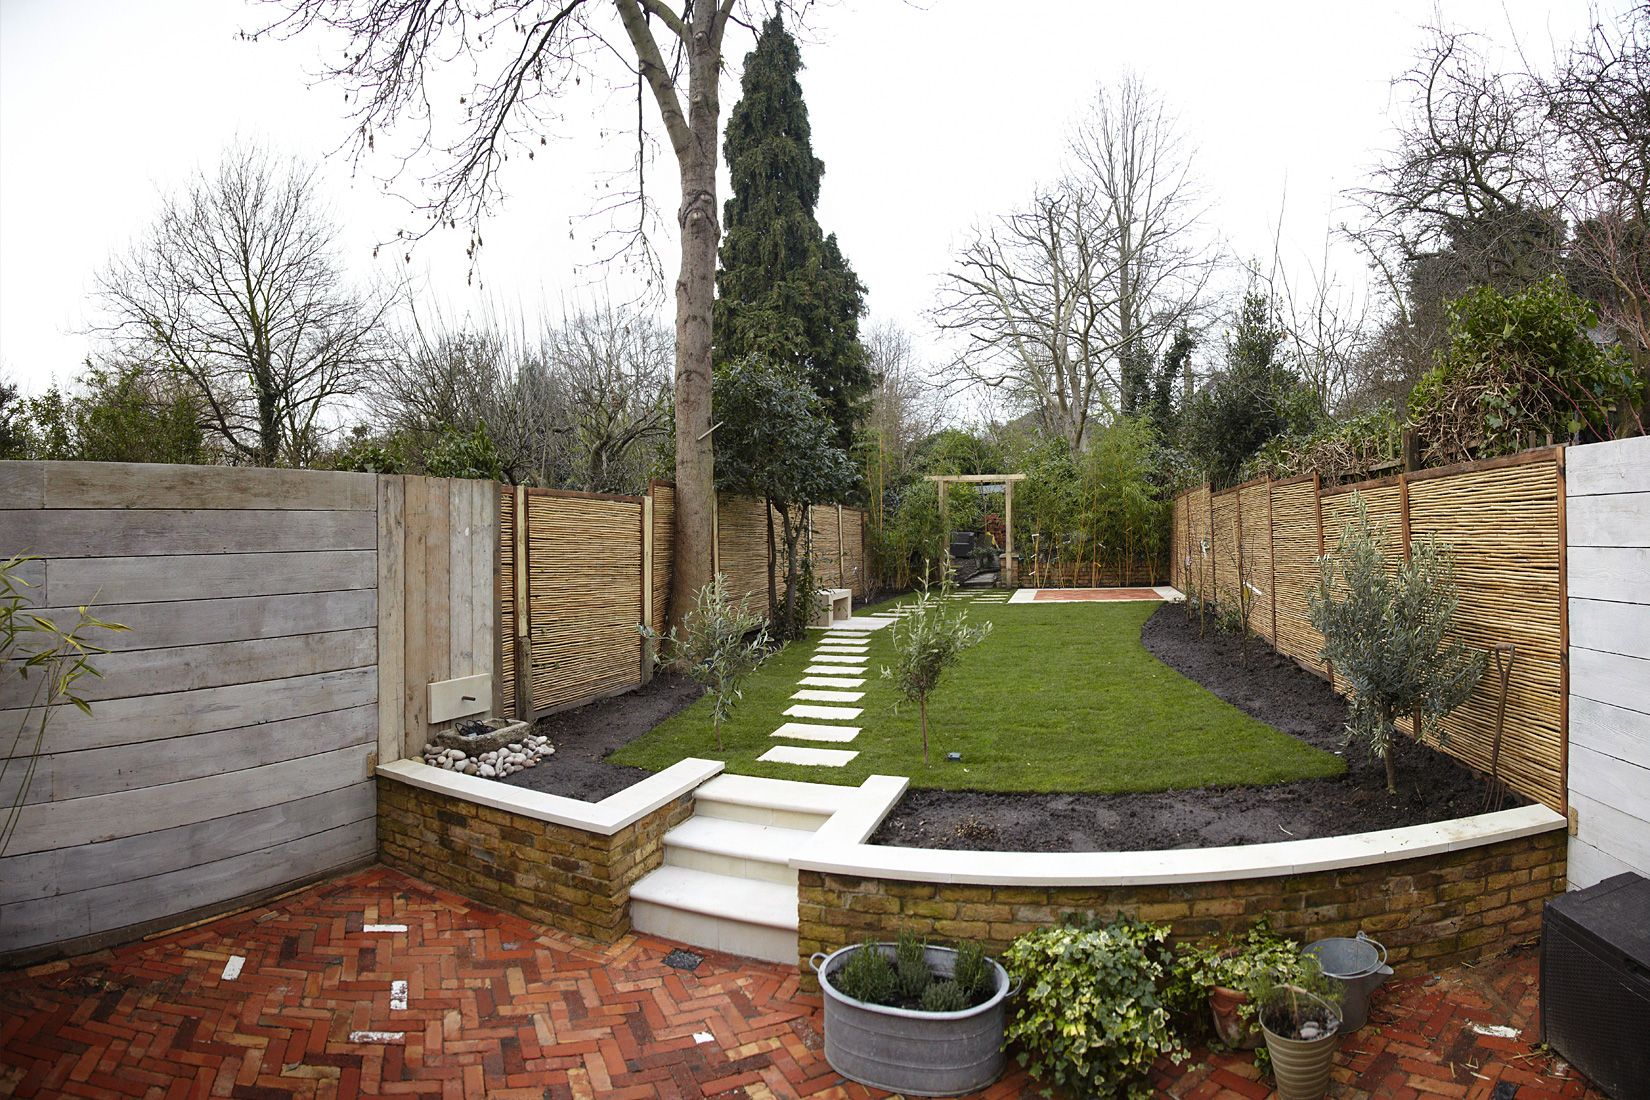 Split level garden garden pinterest gardens garden for Small split level garden ideas